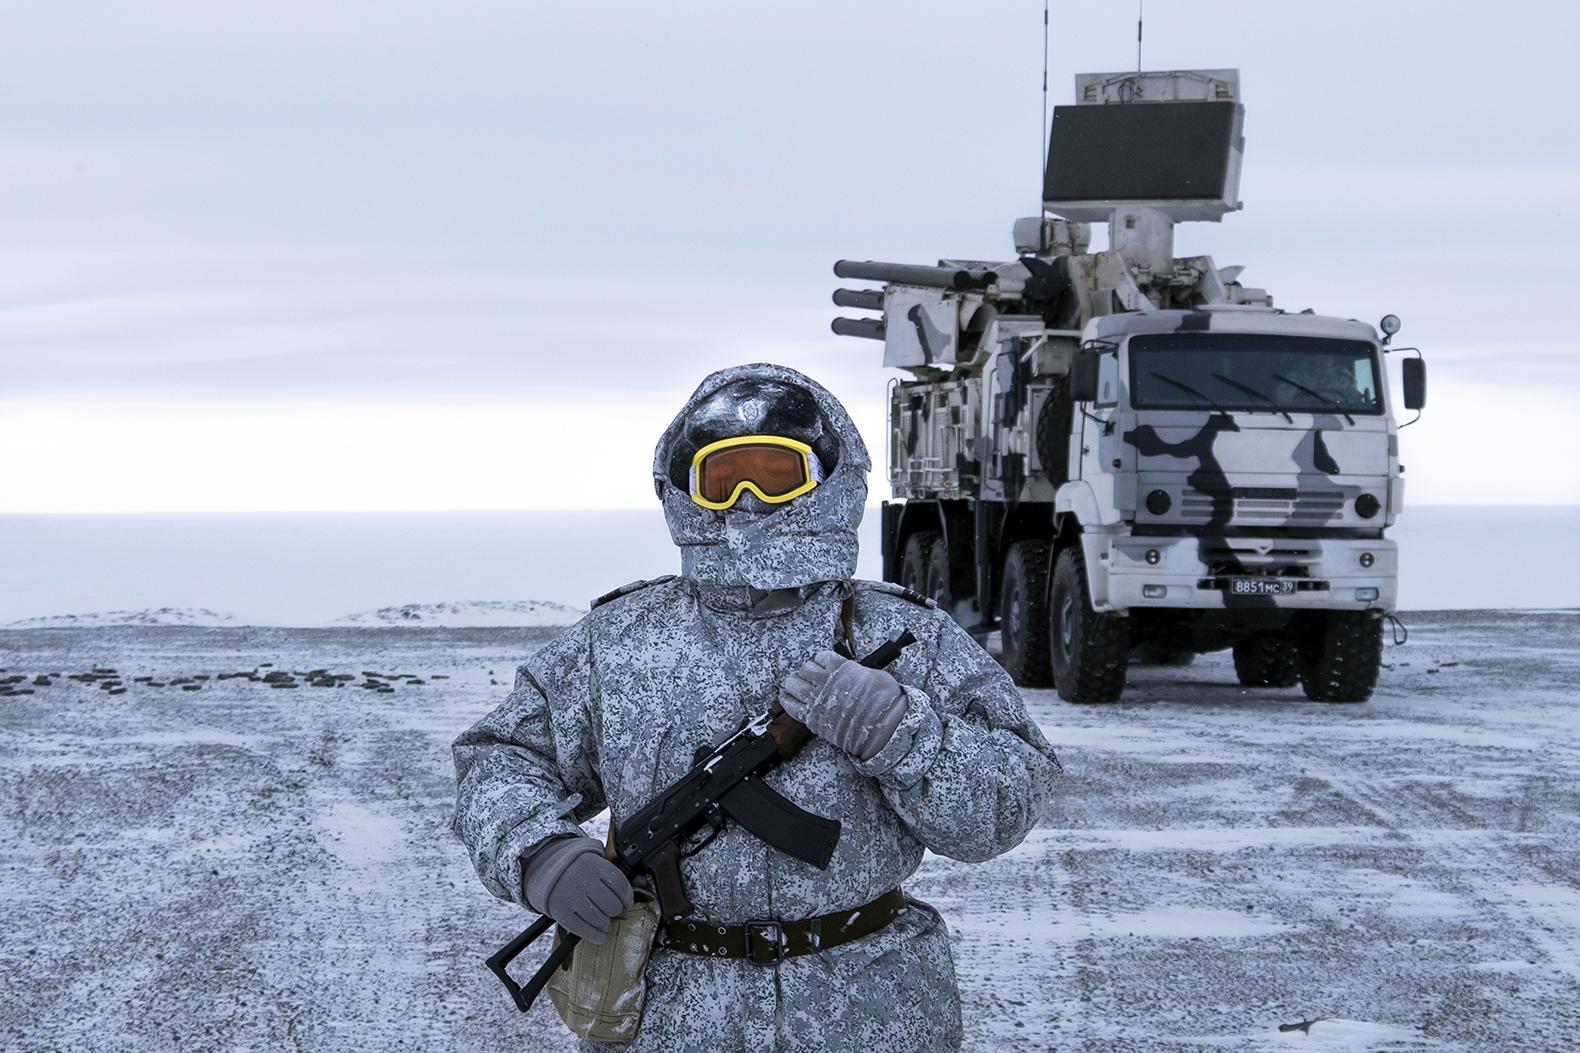 俄罗斯军人在北极地区的军事基地执勤。(美联社)